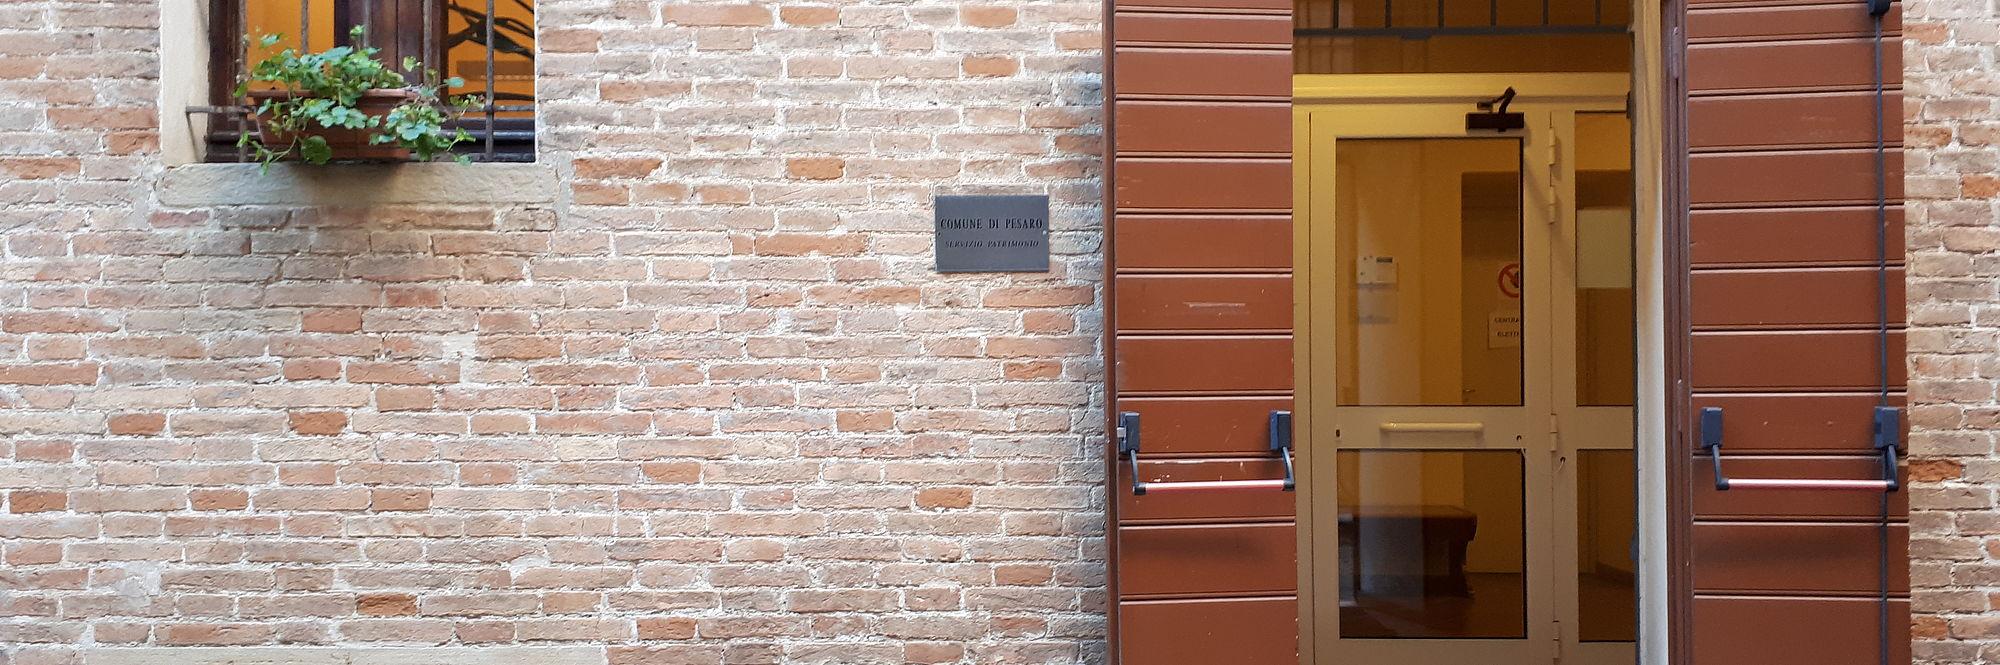 Ufficio Patrimonio